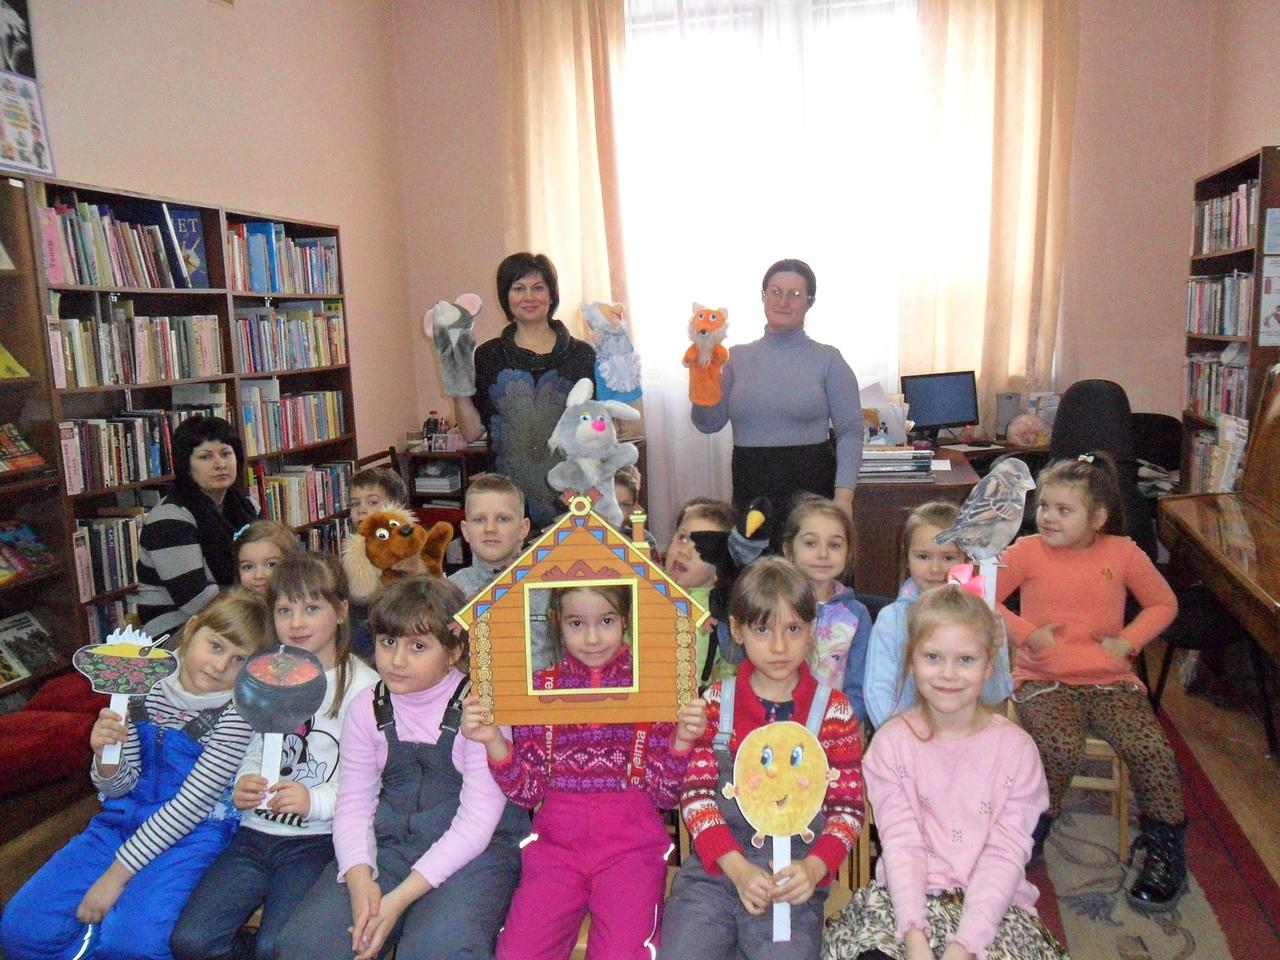 народная сказка, нарлдная судрость, читаем фольклор, донецкая республиканская библиотека для детей, отдел искусств